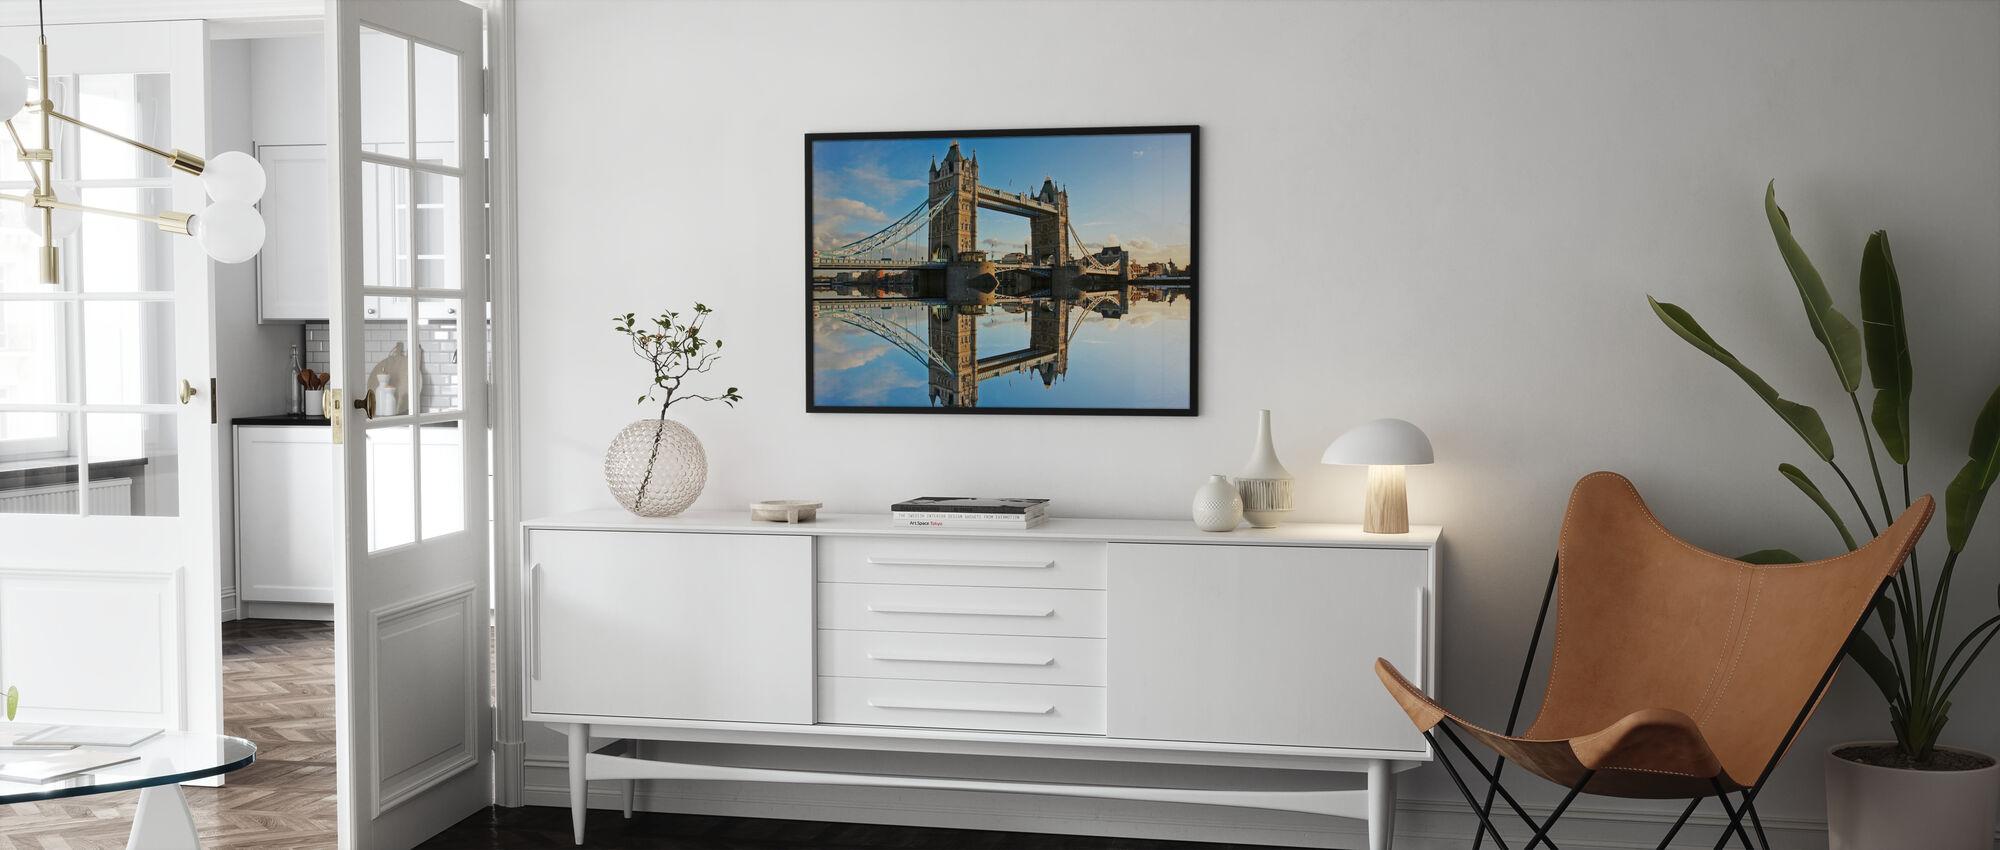 Tower Bridge at Sunset - Framed print - Living Room